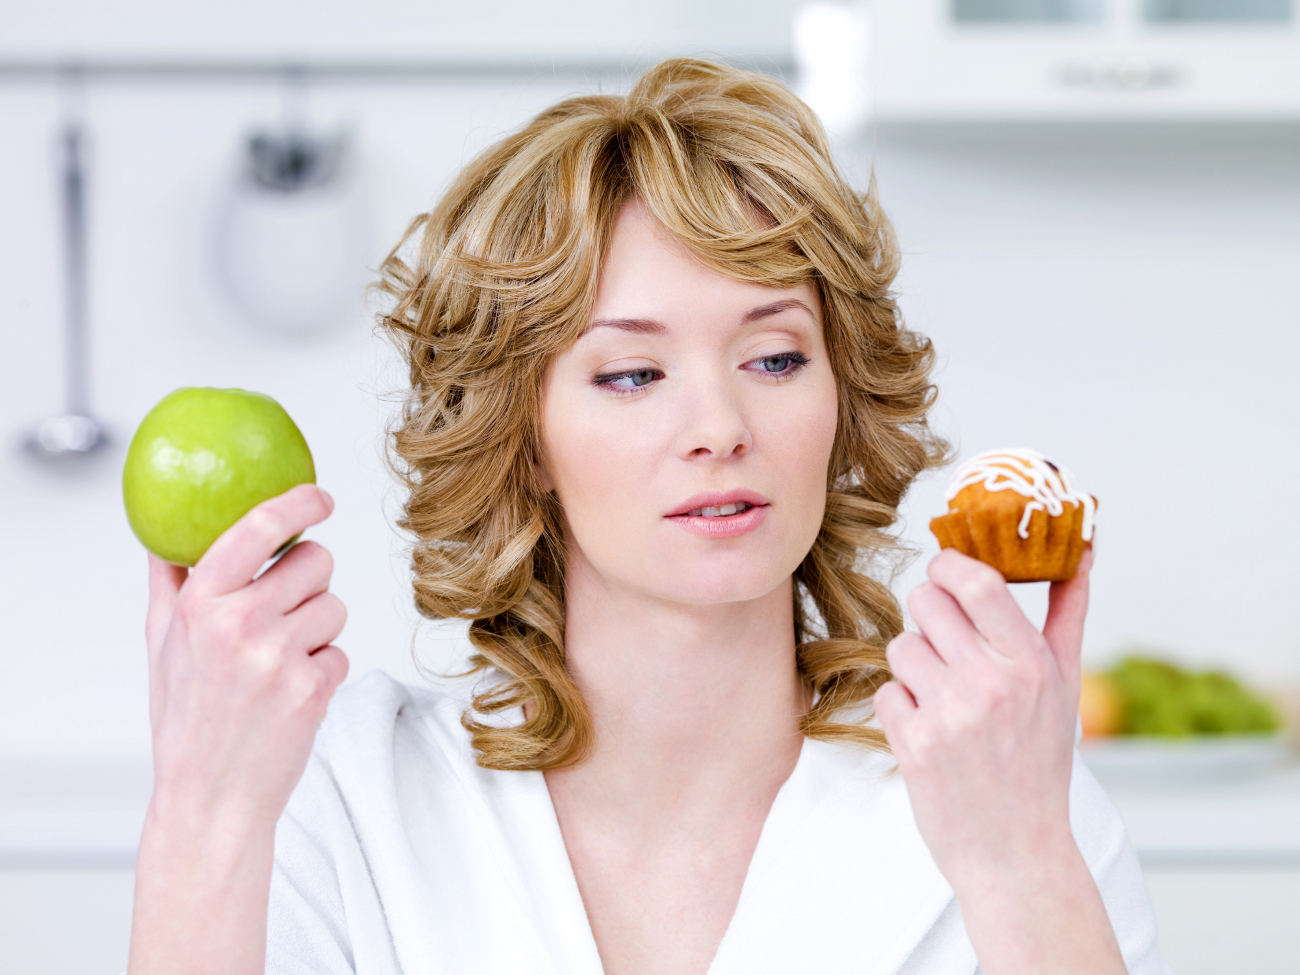 Dieta alta te casero para adelgazar en una semana las